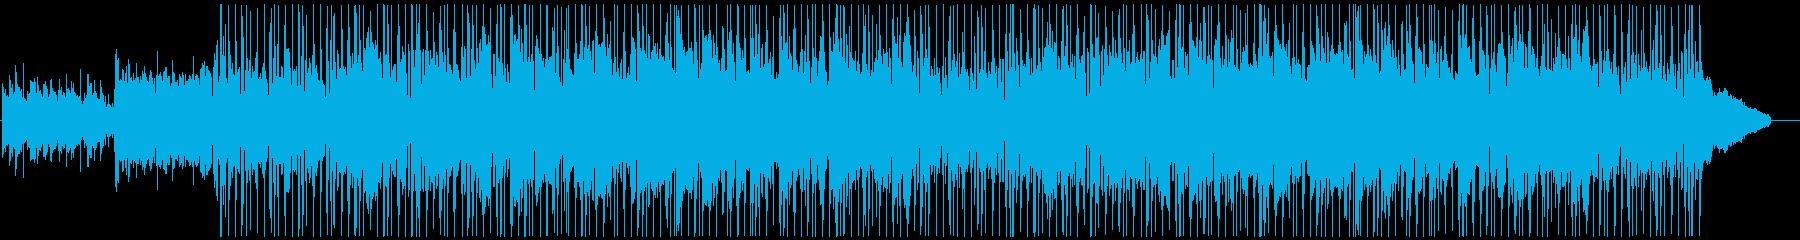 おしゃれで爽やかな日常をイメージした曲の再生済みの波形